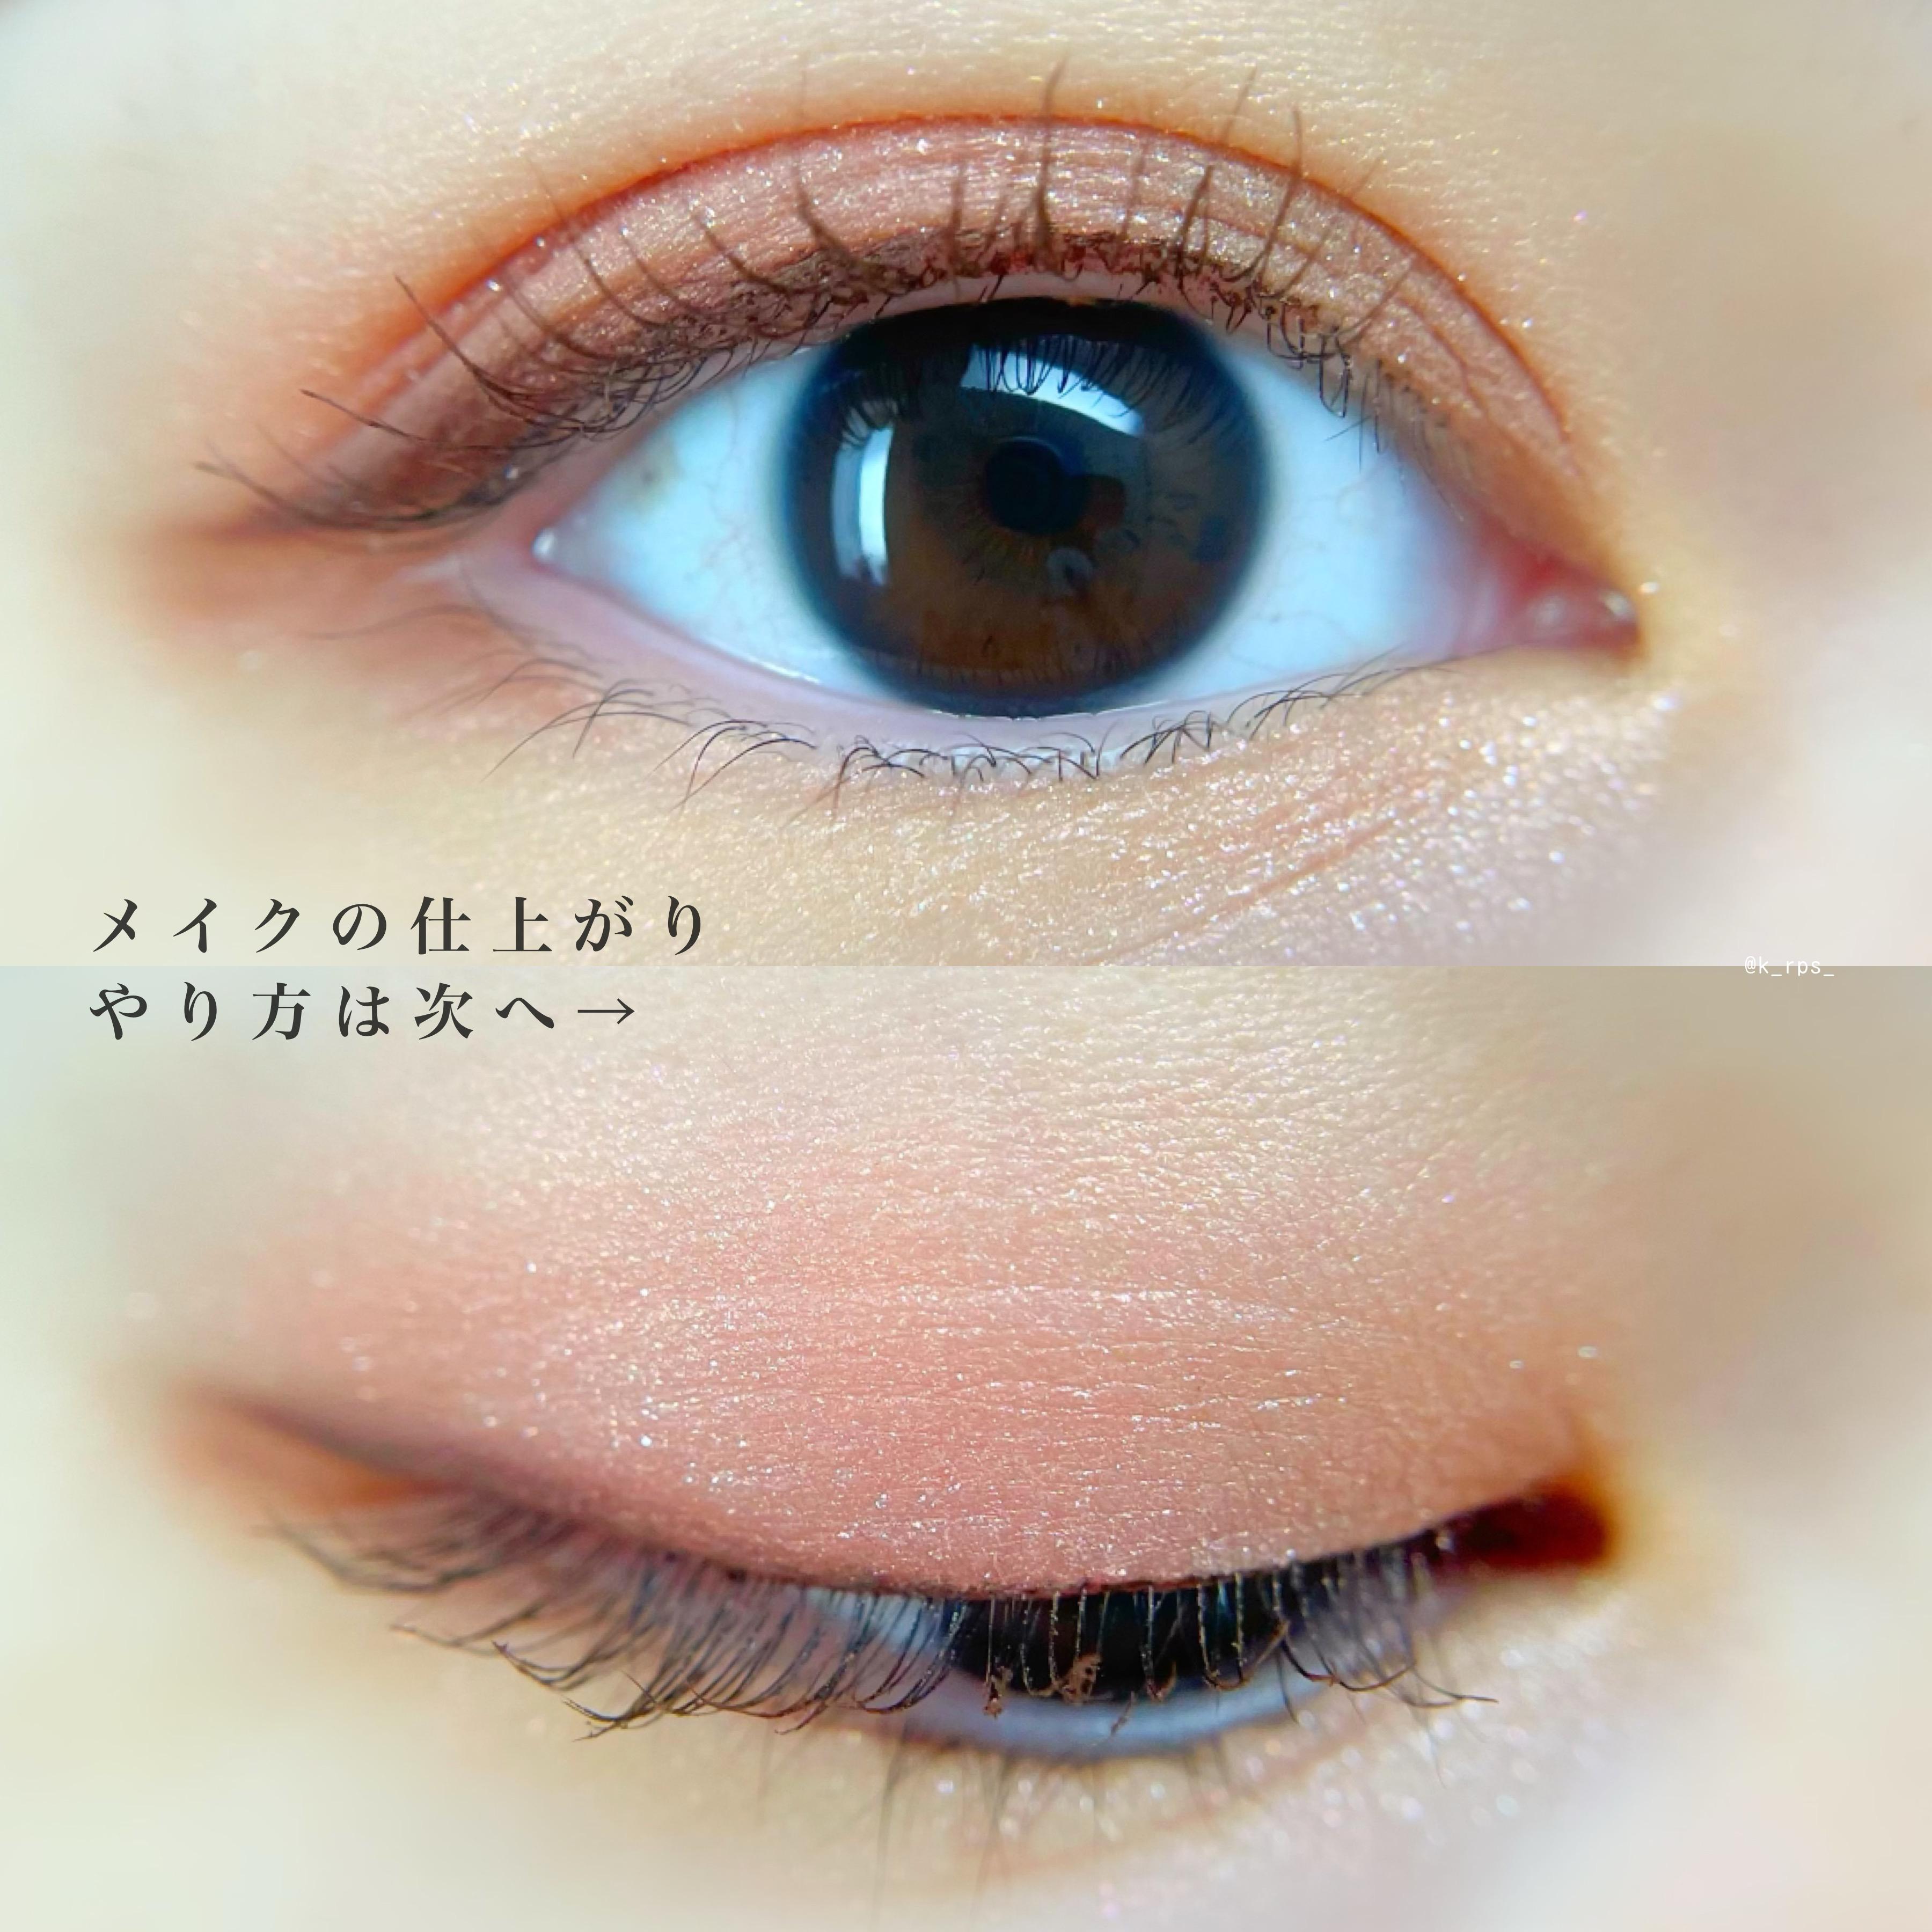 Dior(ディオール)サンク クルール クチュールを使ったKeiさんのクチコミ画像5